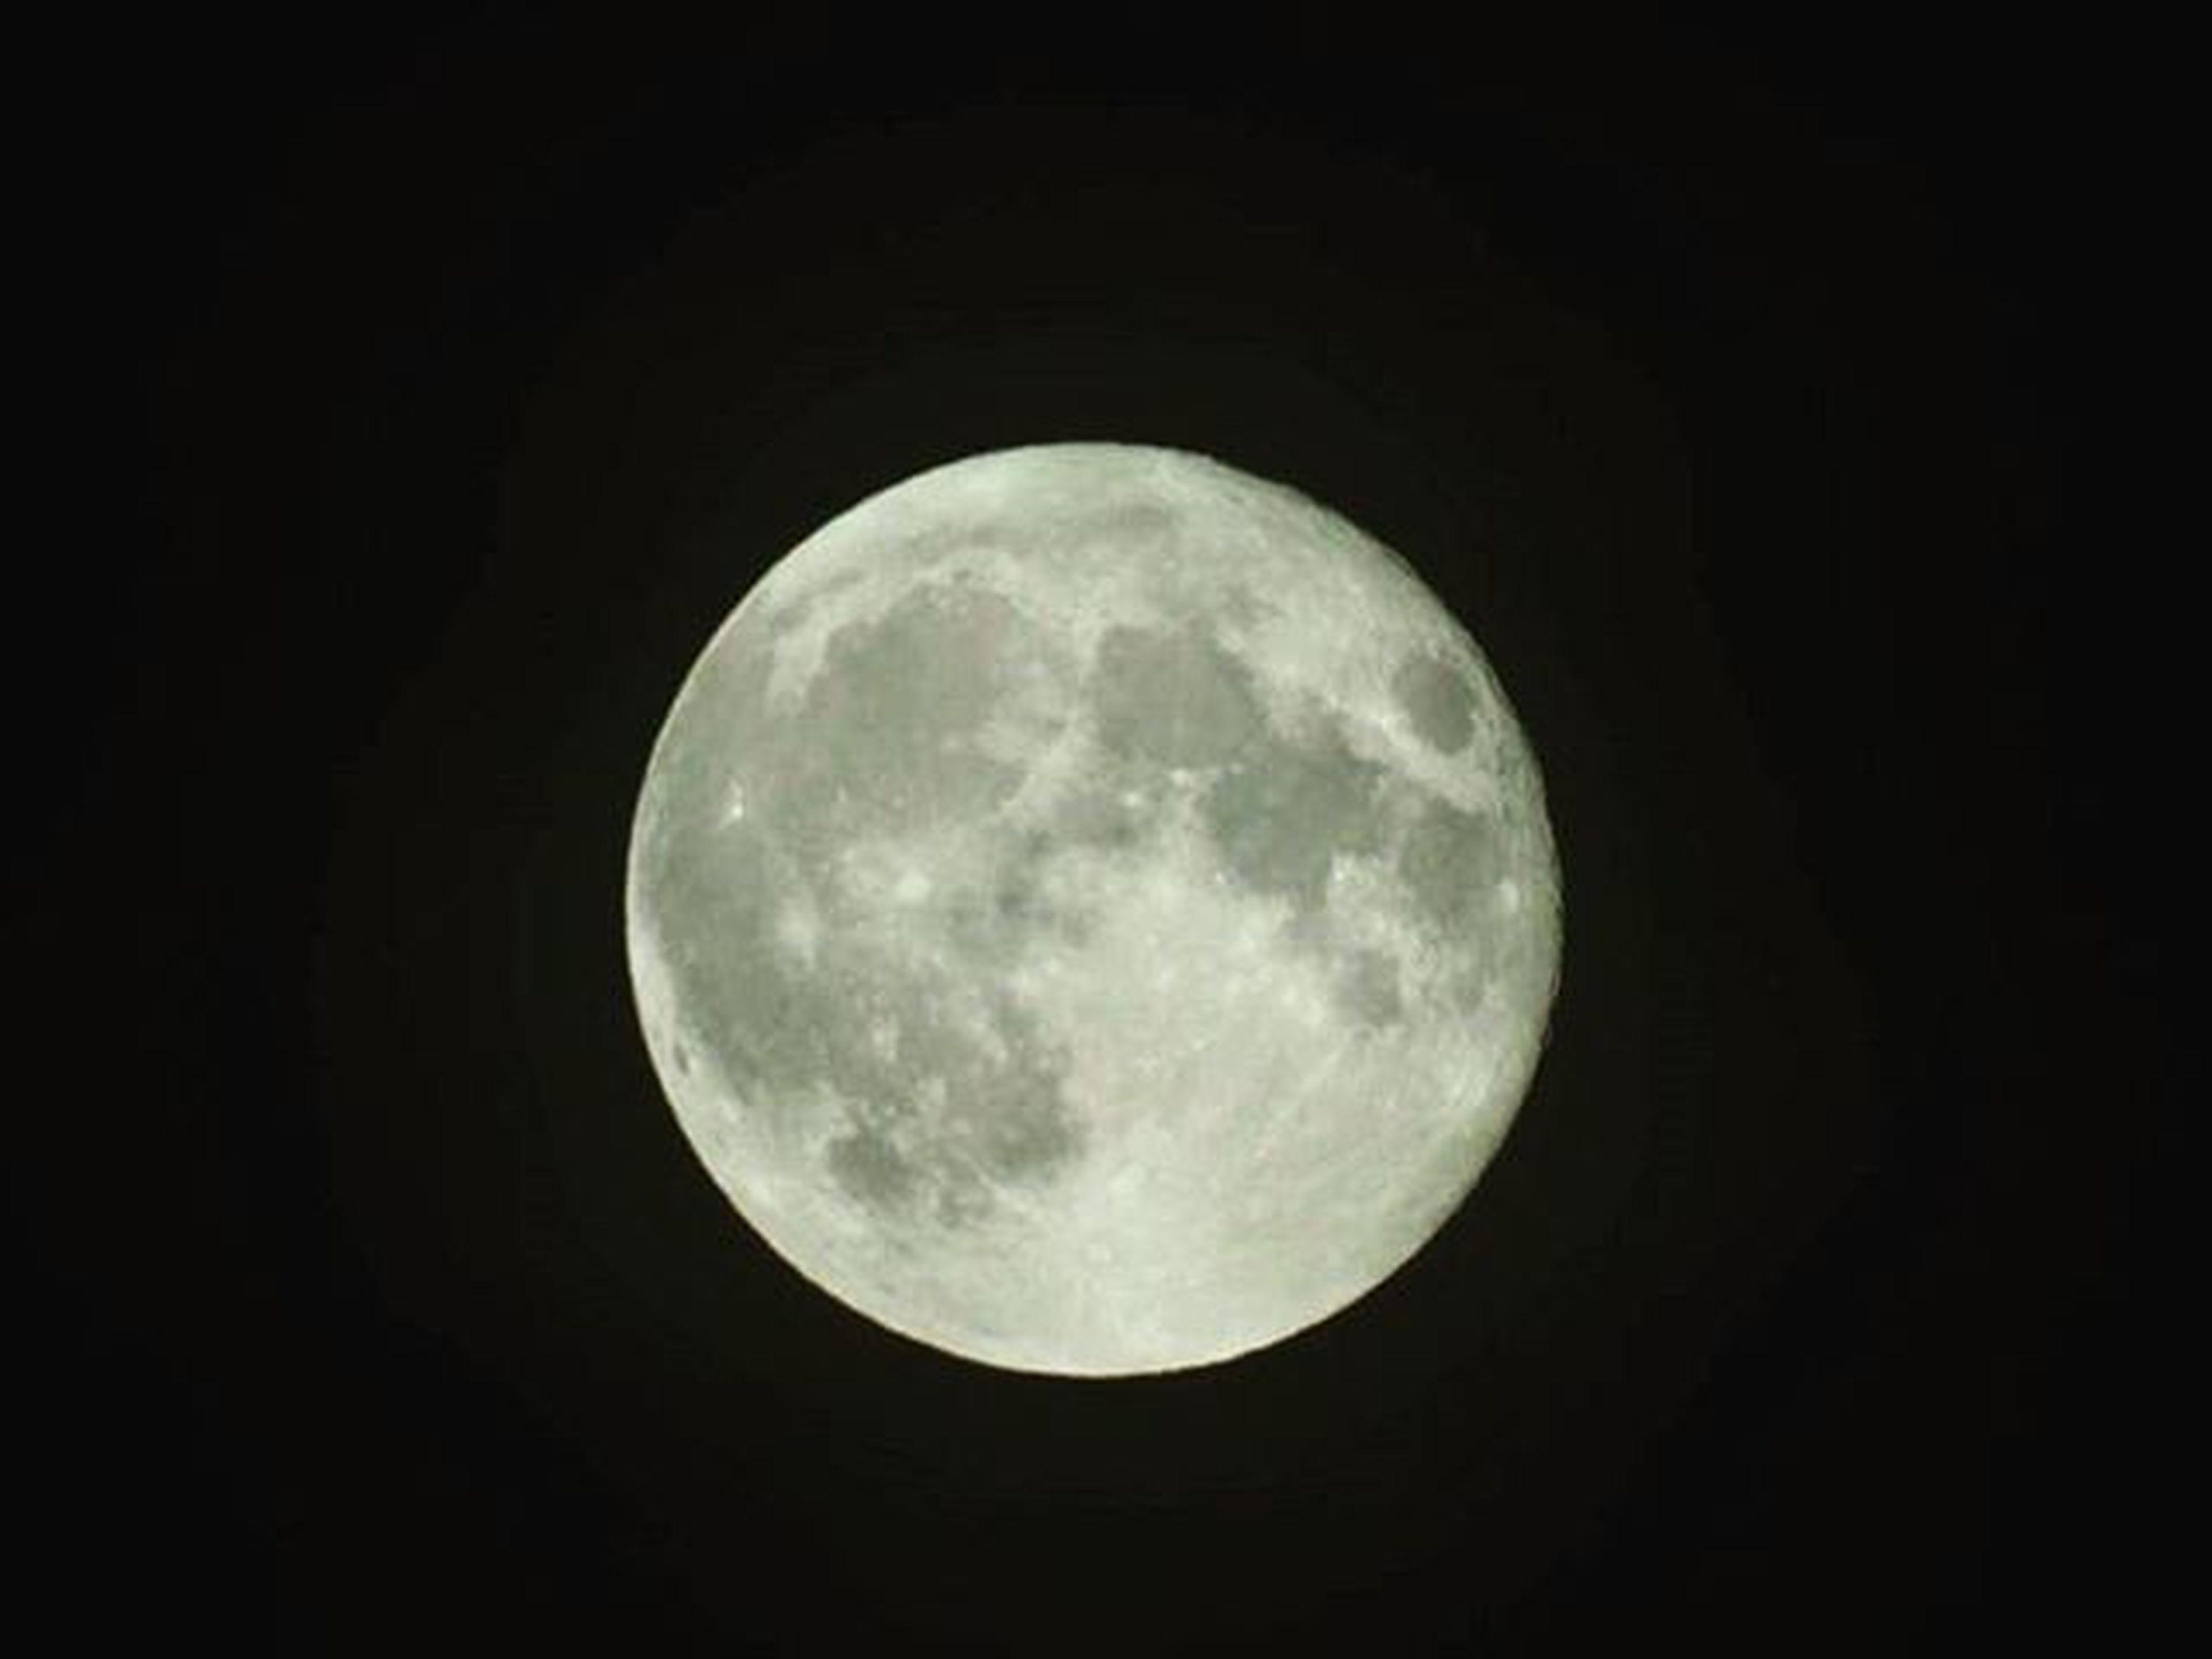 The moon tonight!'✌ Moon Loveit Goood Bright Cratours Darkness Dark Fullmoon Brightbigmoon Massive Nighttime